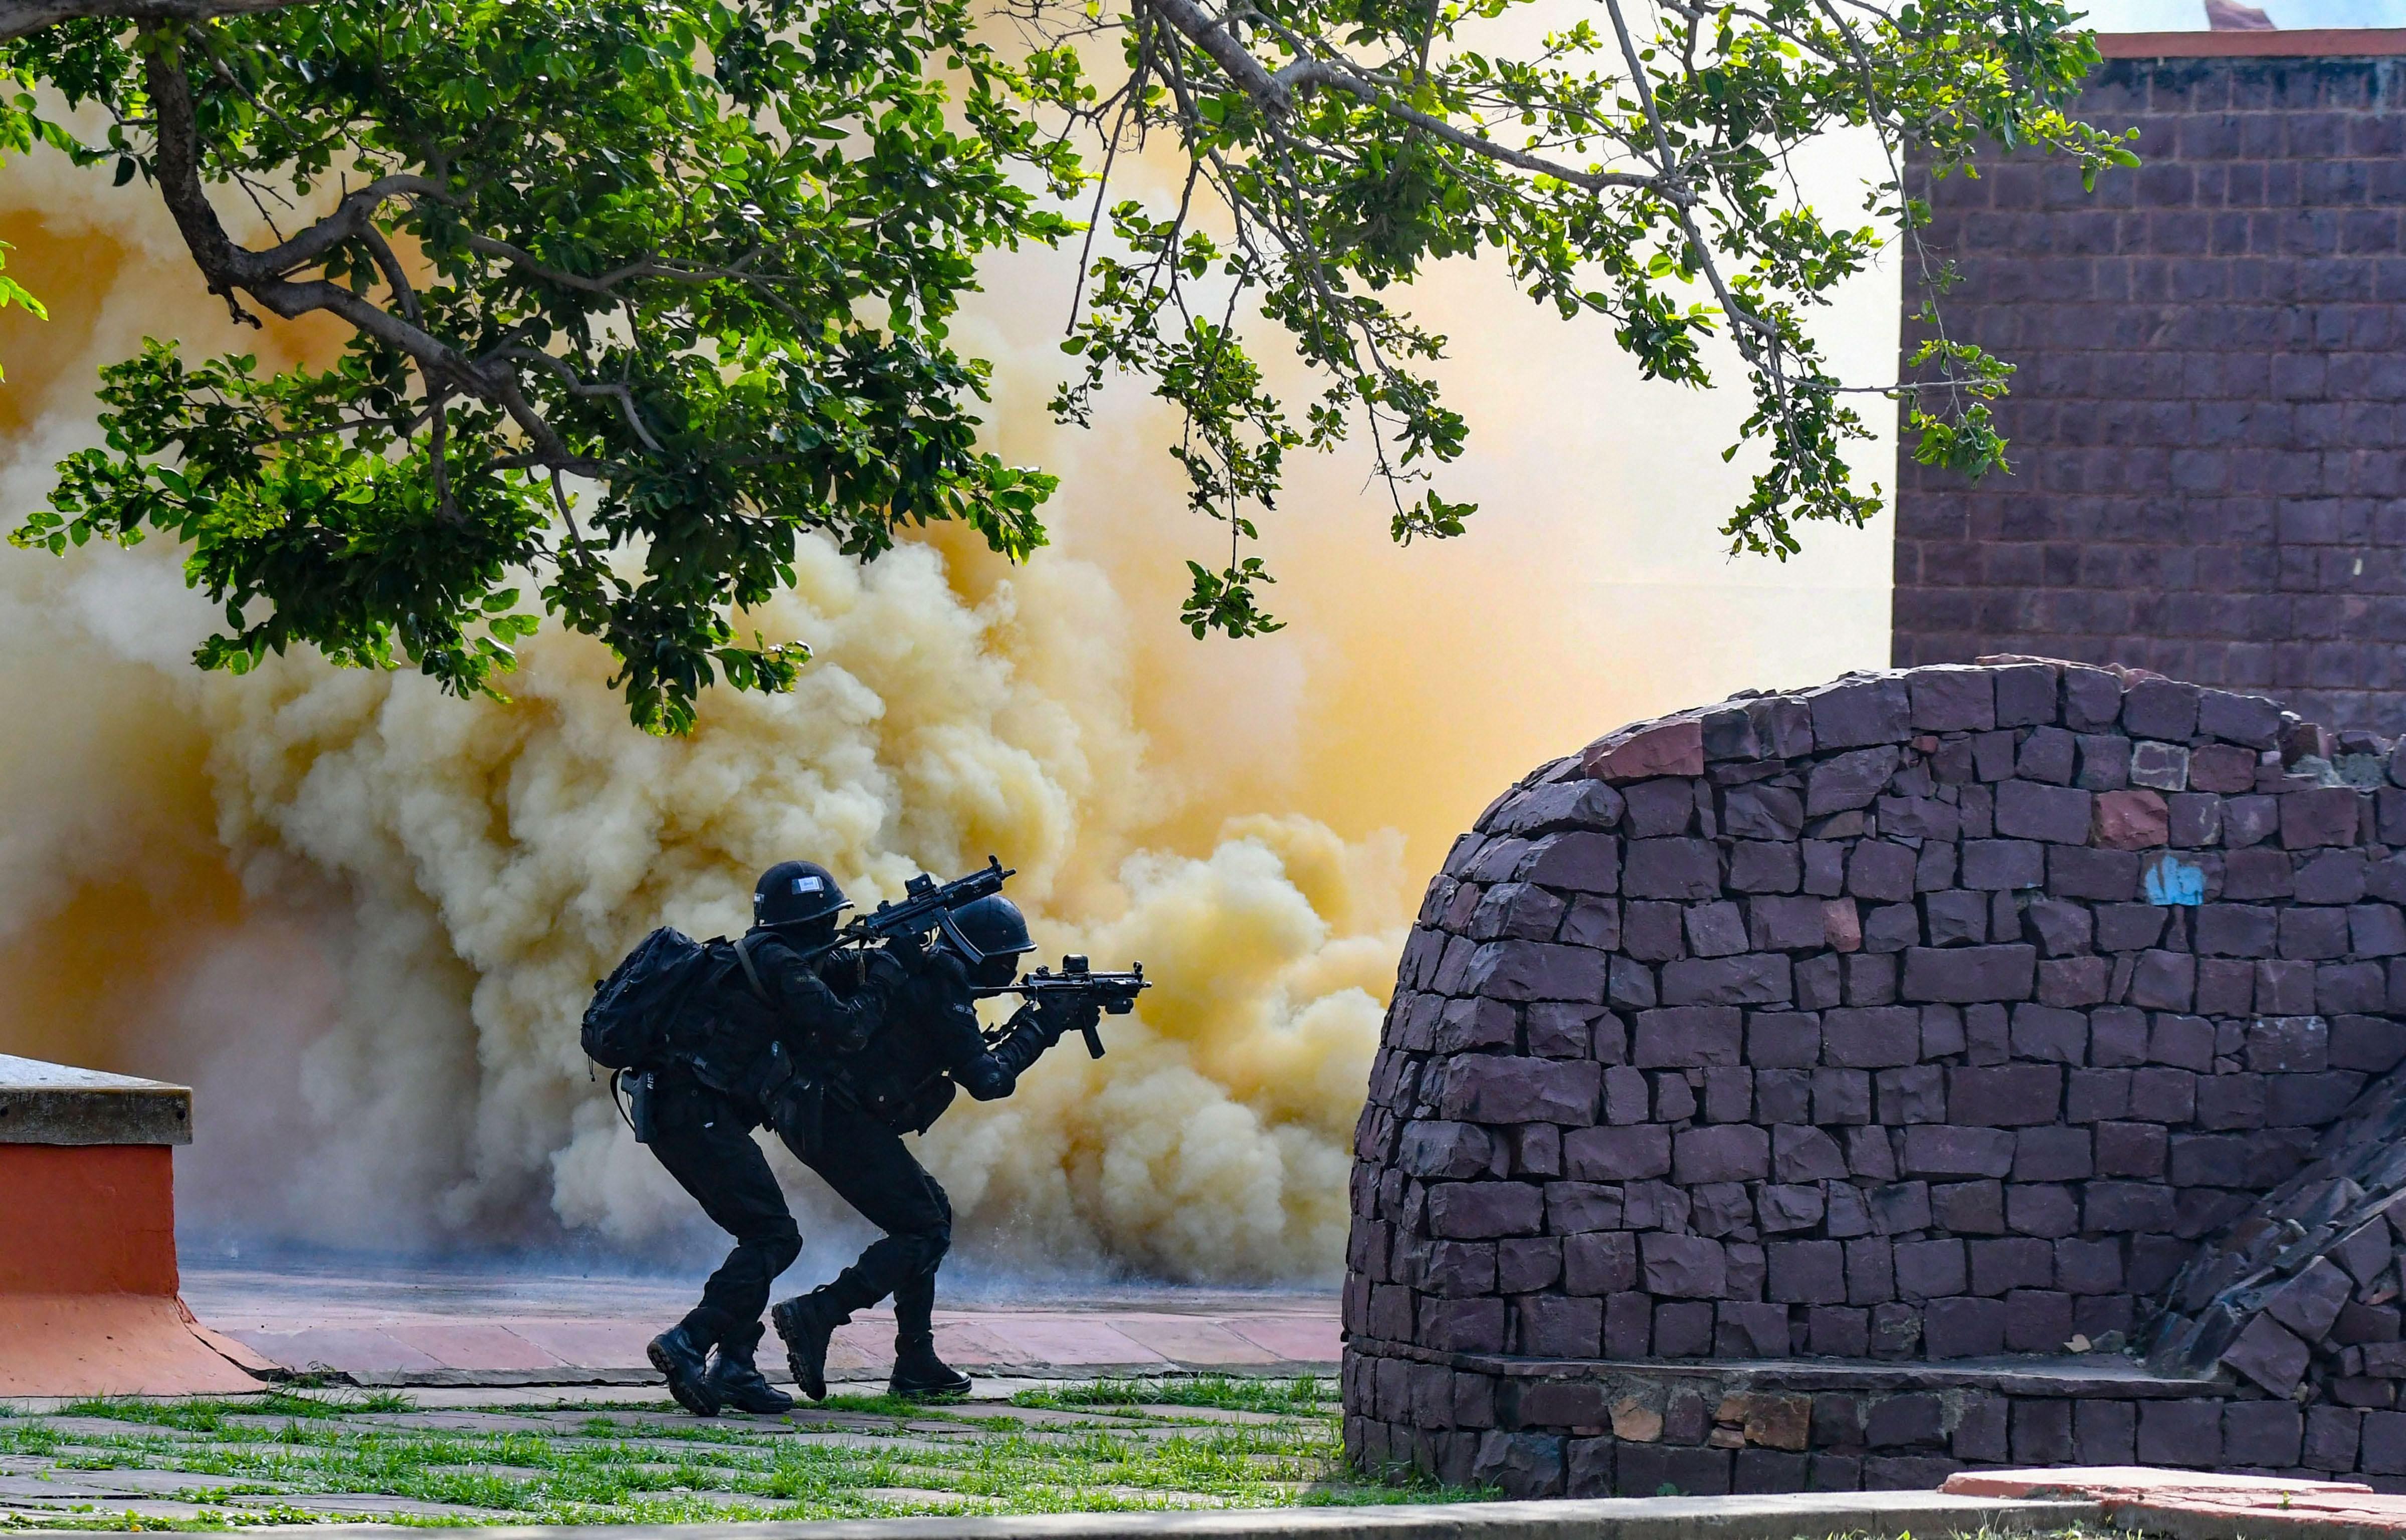 आतंकियों को मुंहतोड़ जवाब देने के लिए तैयार NSG कमांडों, तस्वीरों को देखकर आपका रोम - रोम कह उठेगा जय हिंद